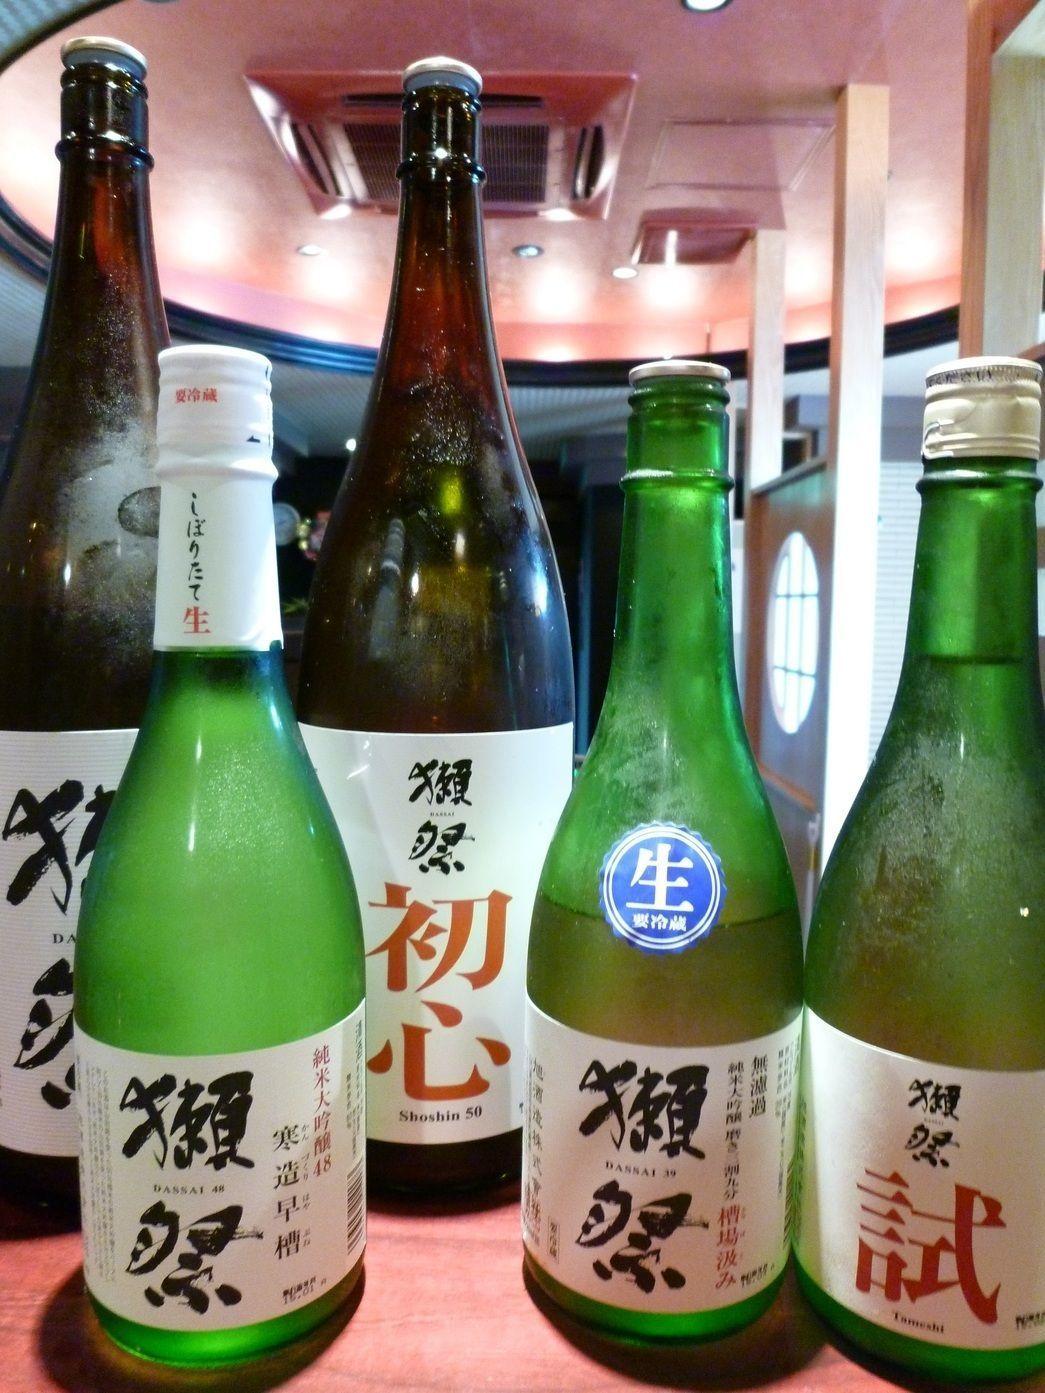 穴場な街、田端で酔いしれよう♪個性あふれる居酒屋さん5選!の画像